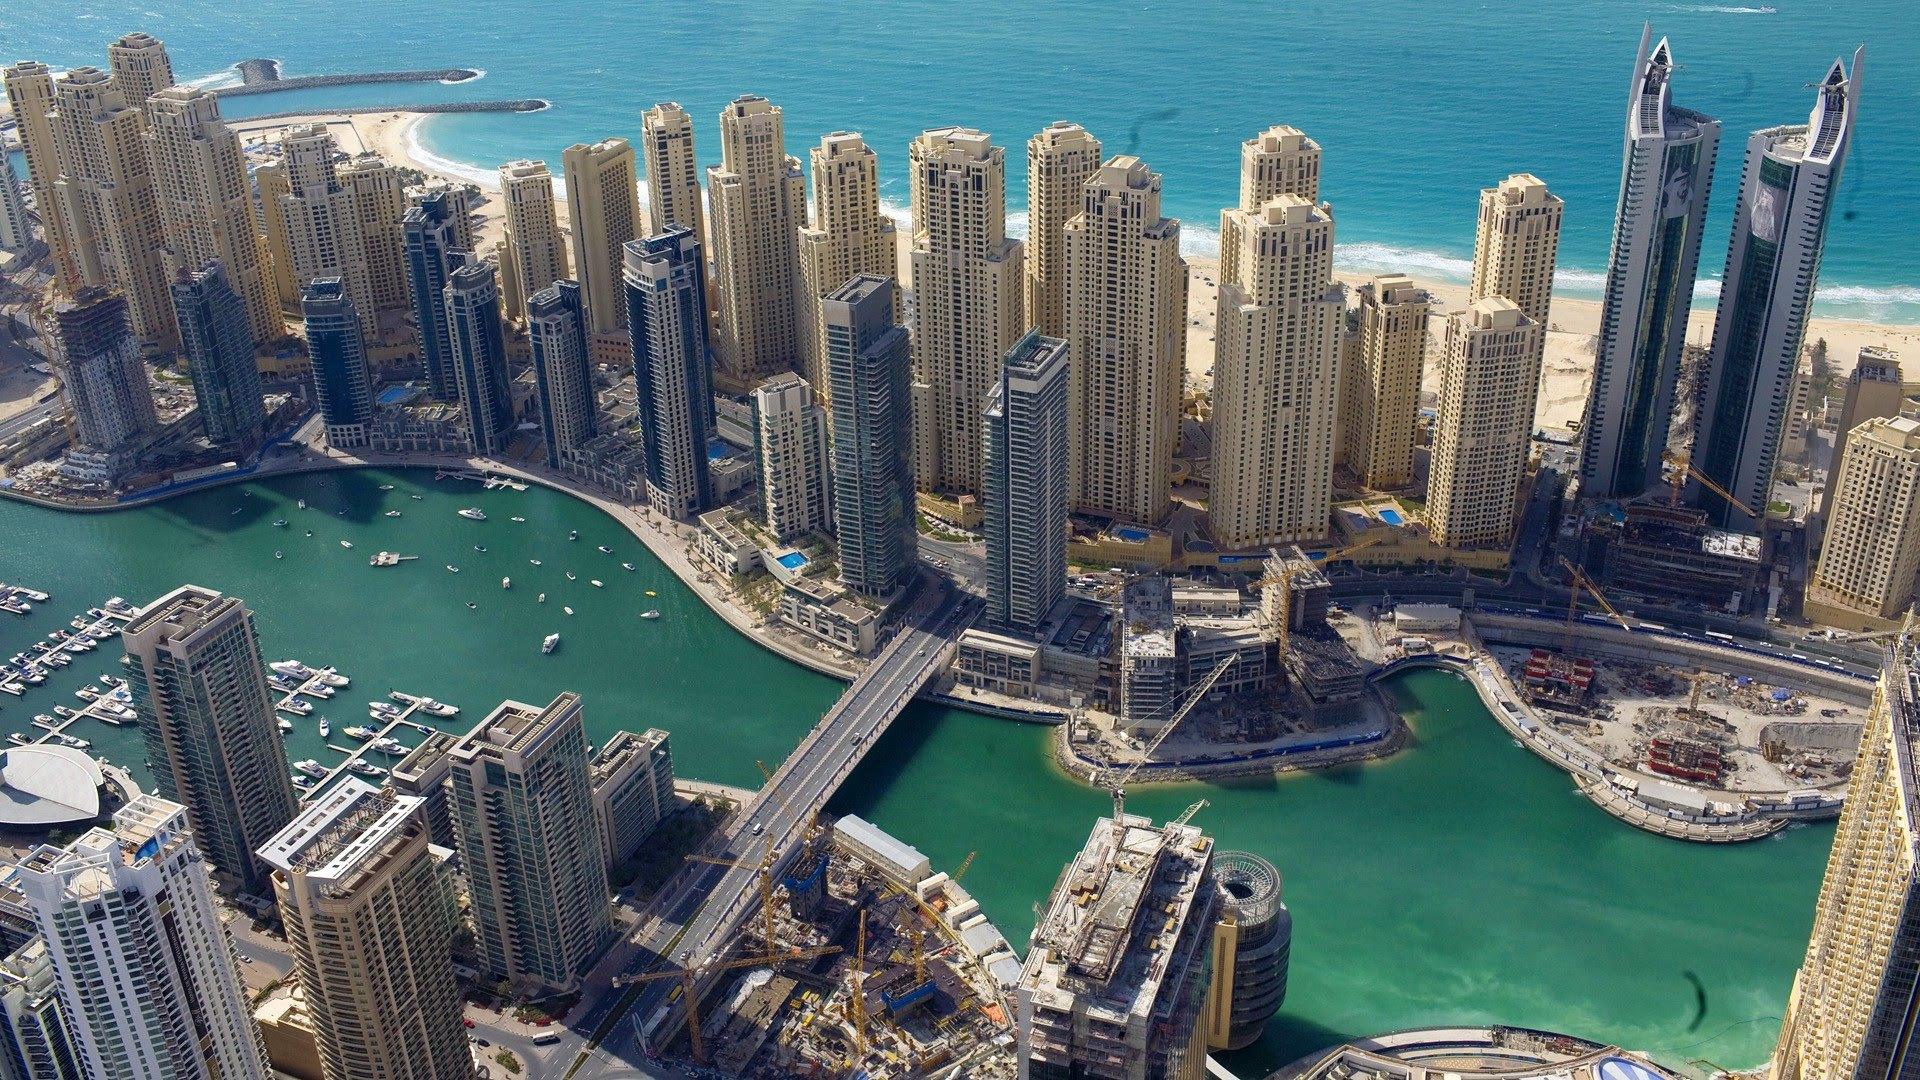 Dubai Full Hd